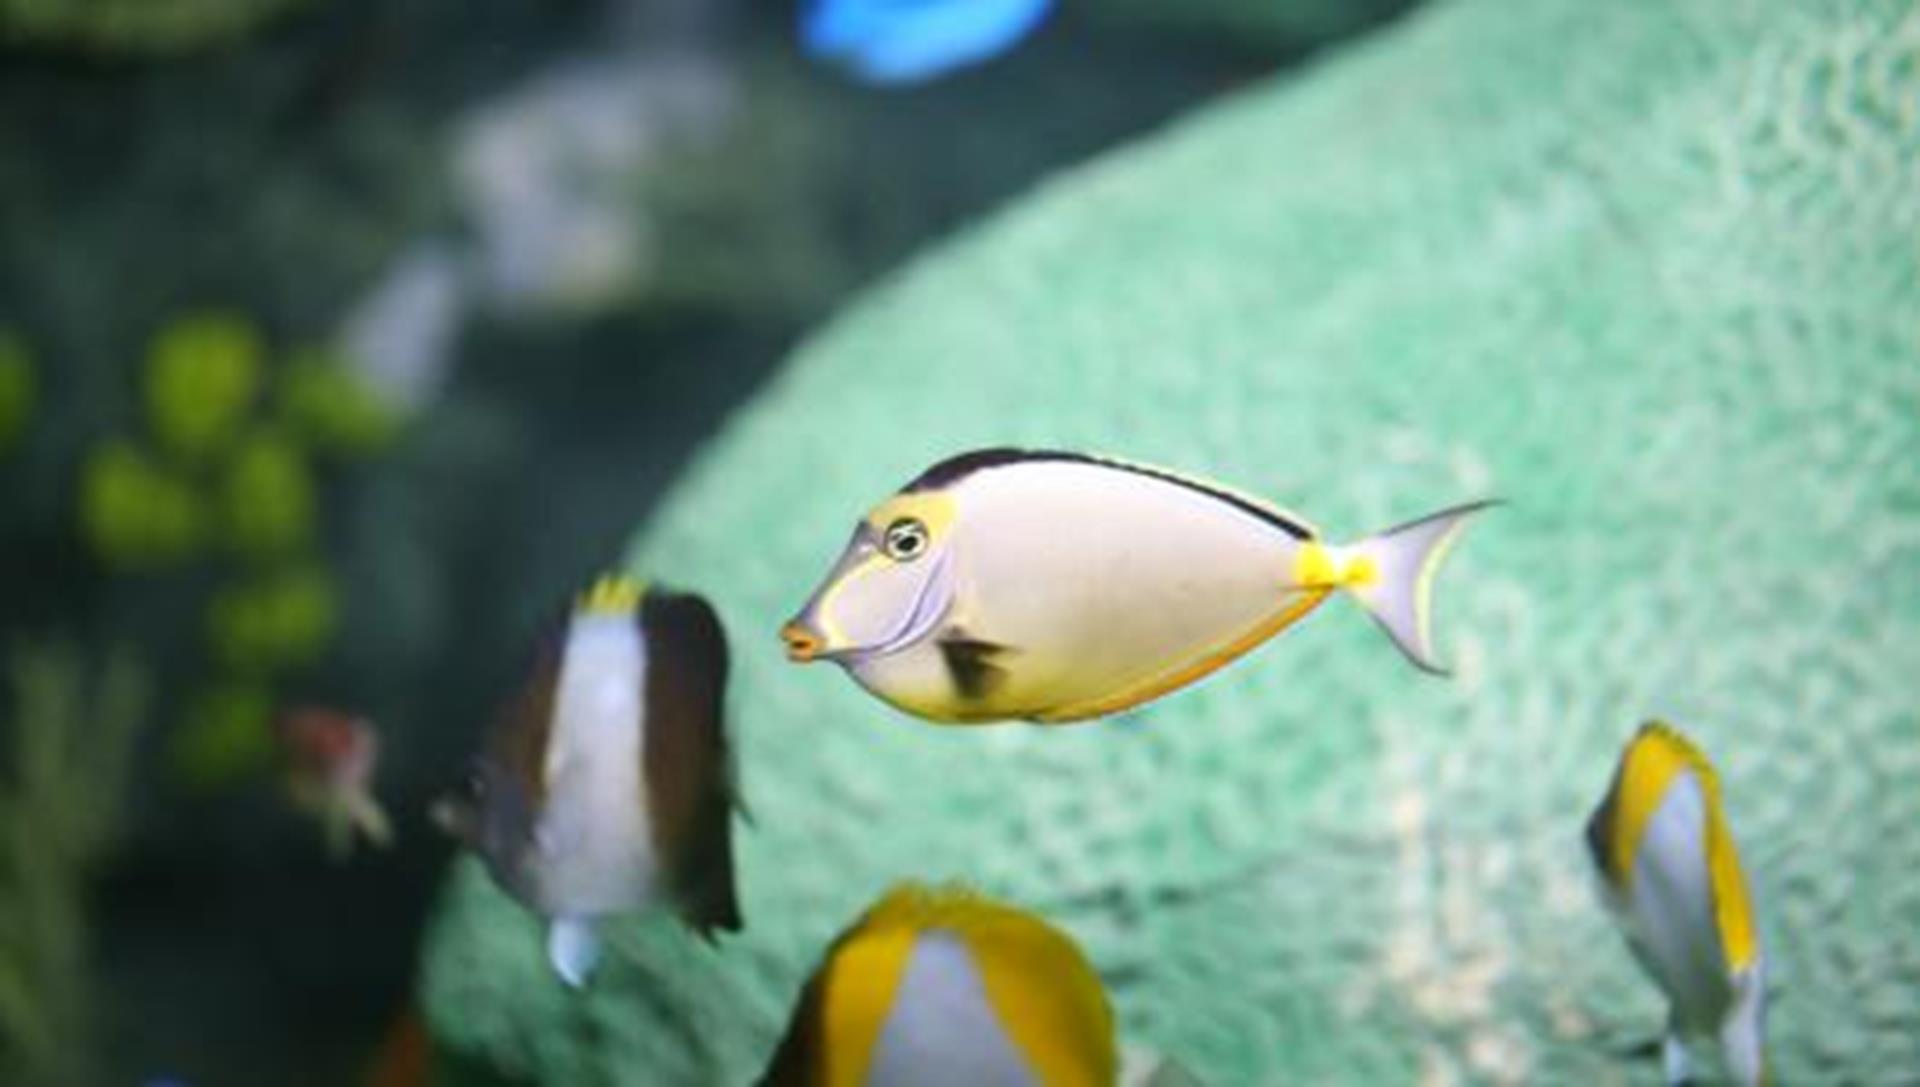 Fish in ripleys aquarium - 16 Must Visit Aquariums In 2016